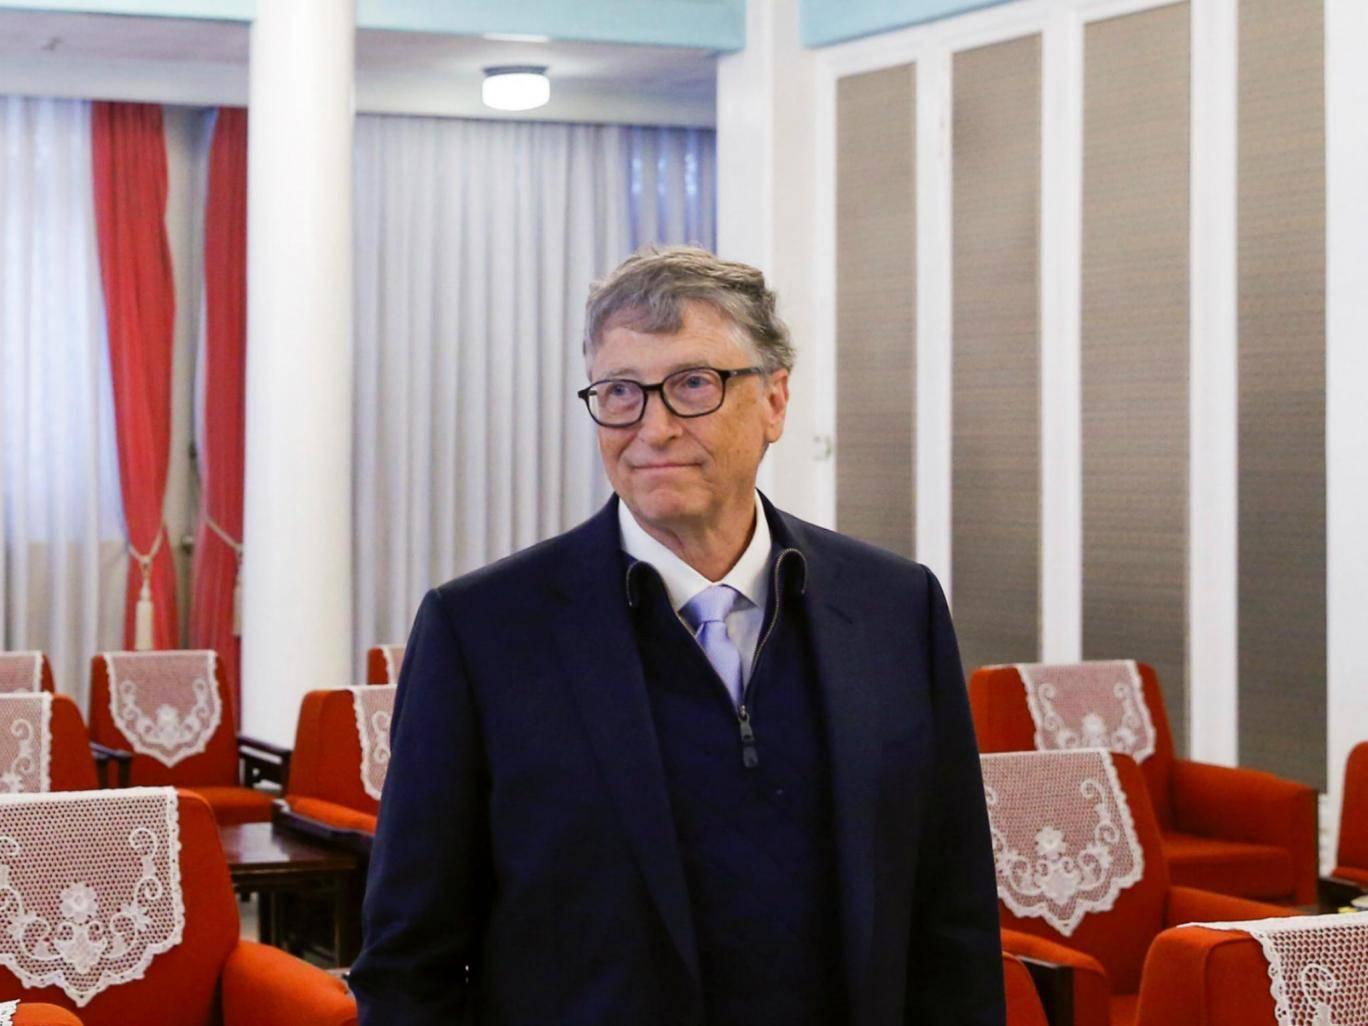 比尔•盖茨拟构建新型智慧城市:主打尖端技术